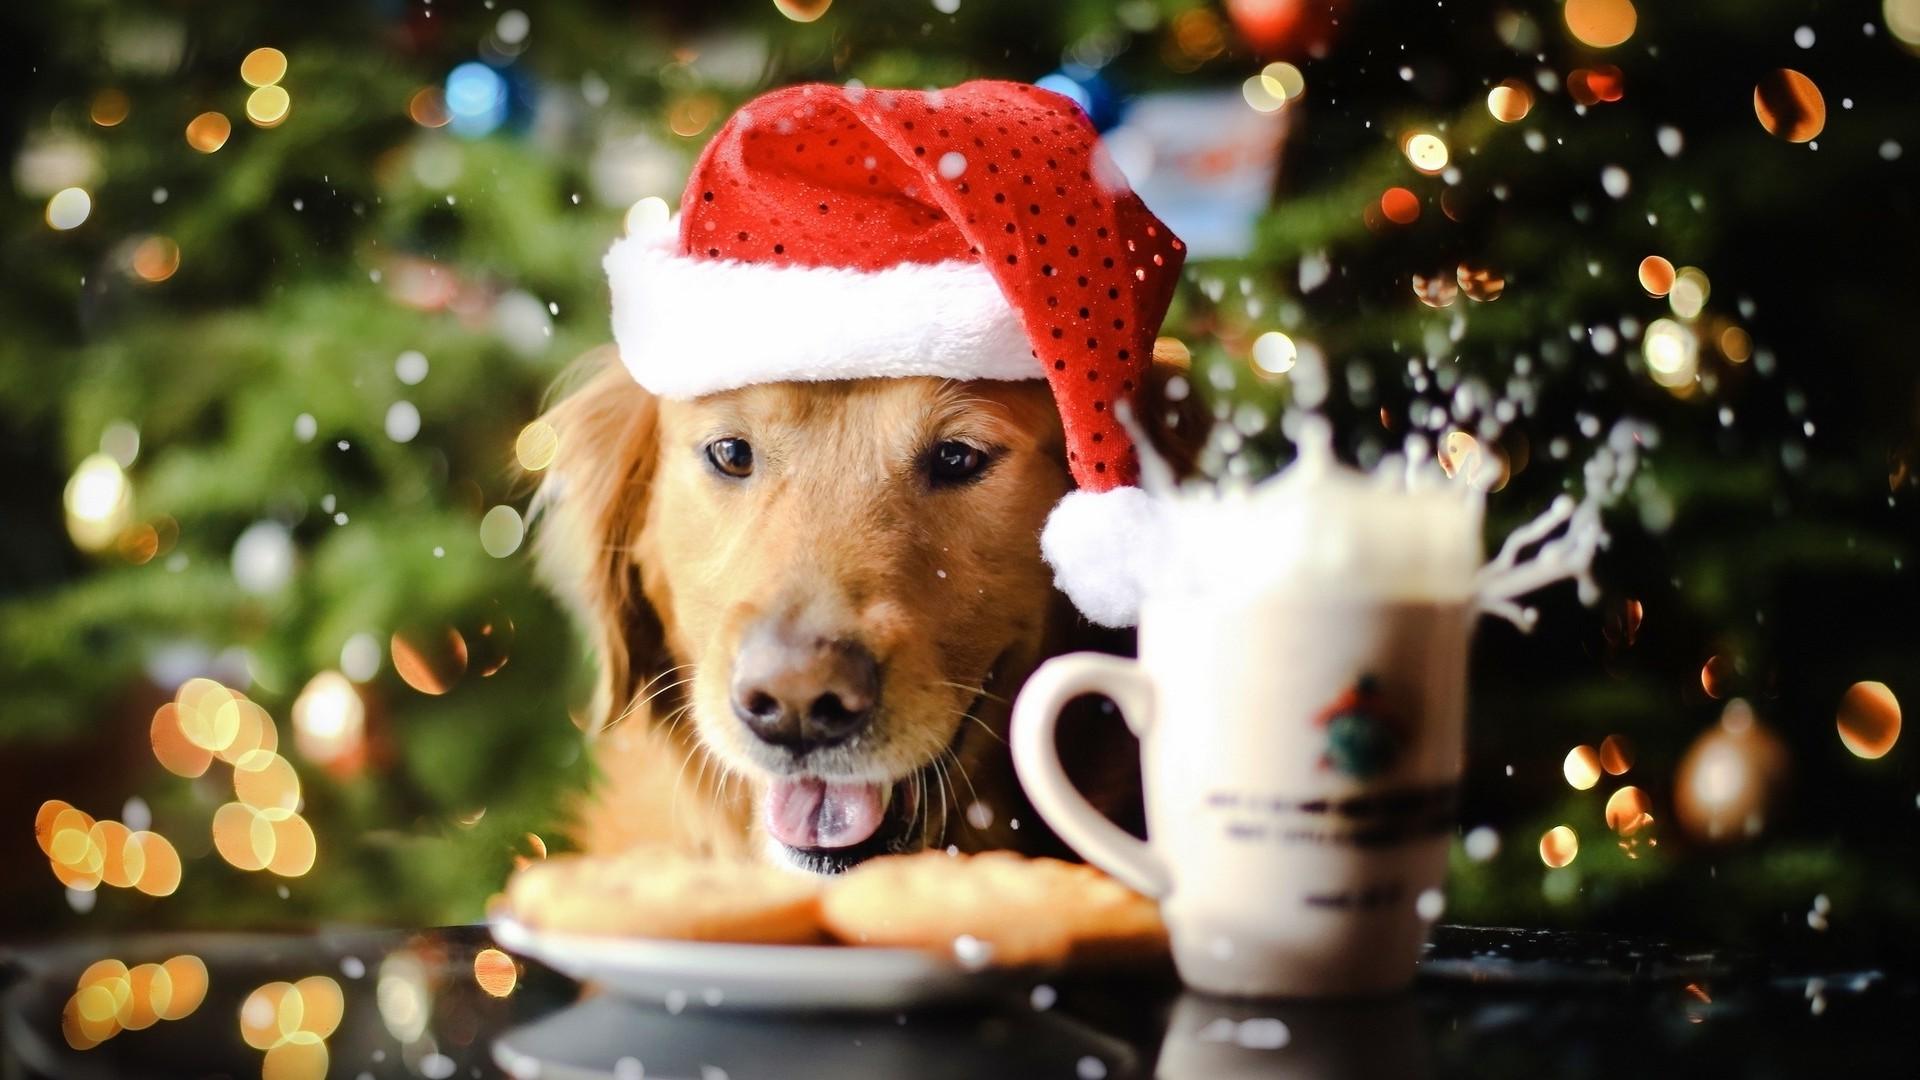 Christmas Animal Wallpaper (67+ images)